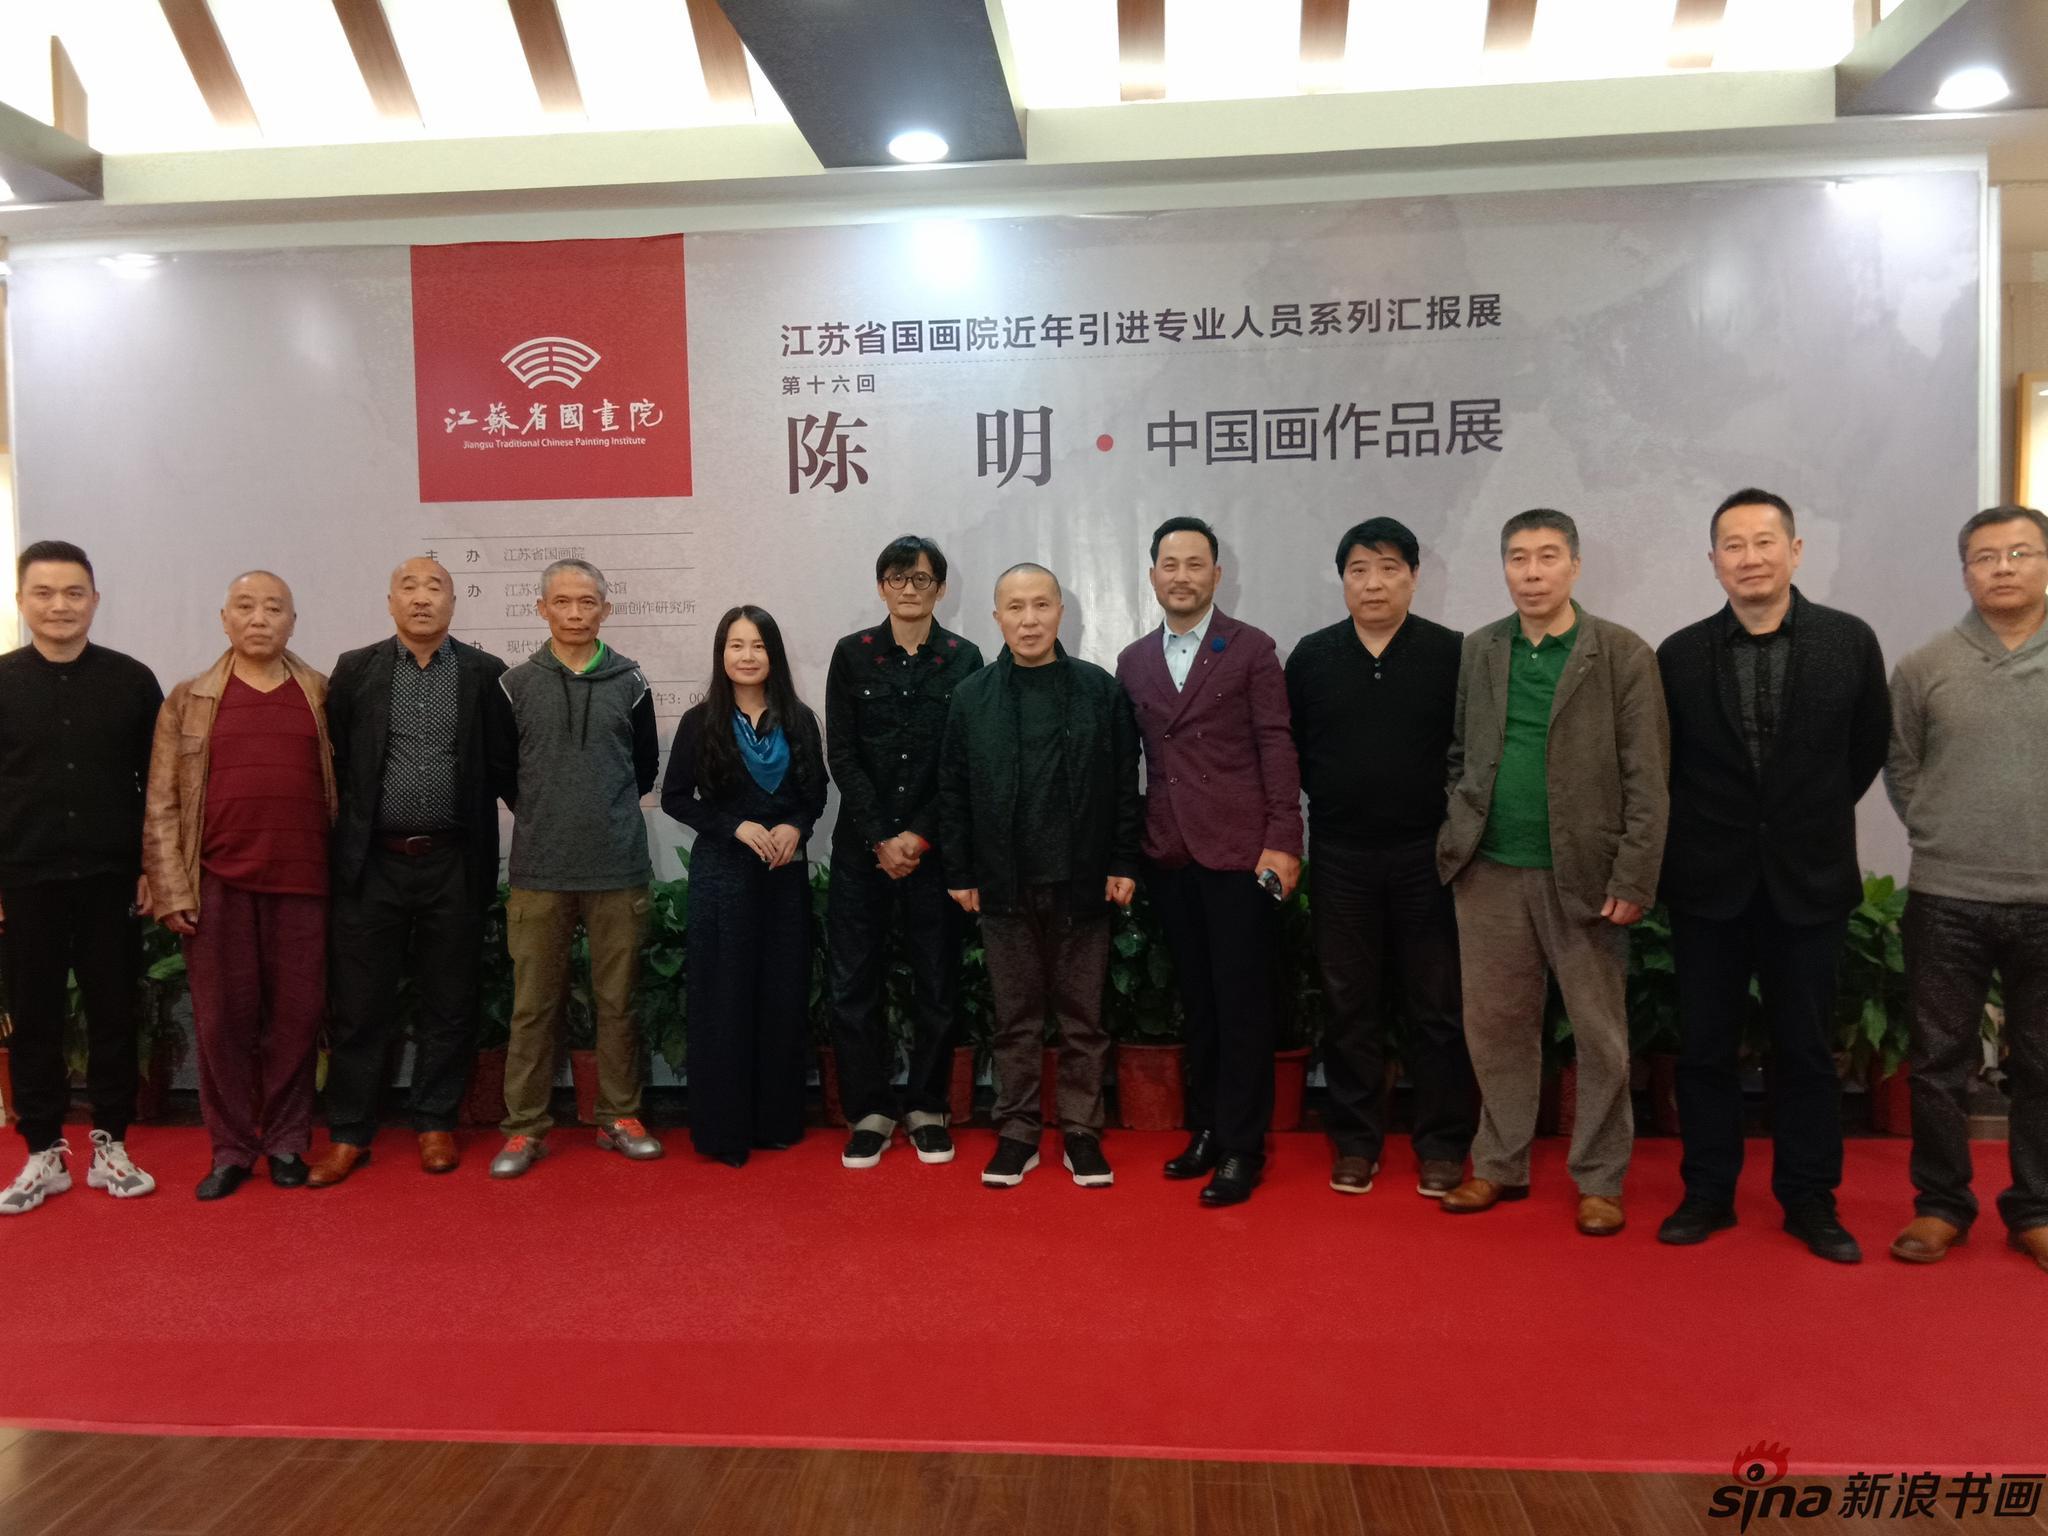 陈明中国画作品展在江苏省国画院美术馆隆重开幕